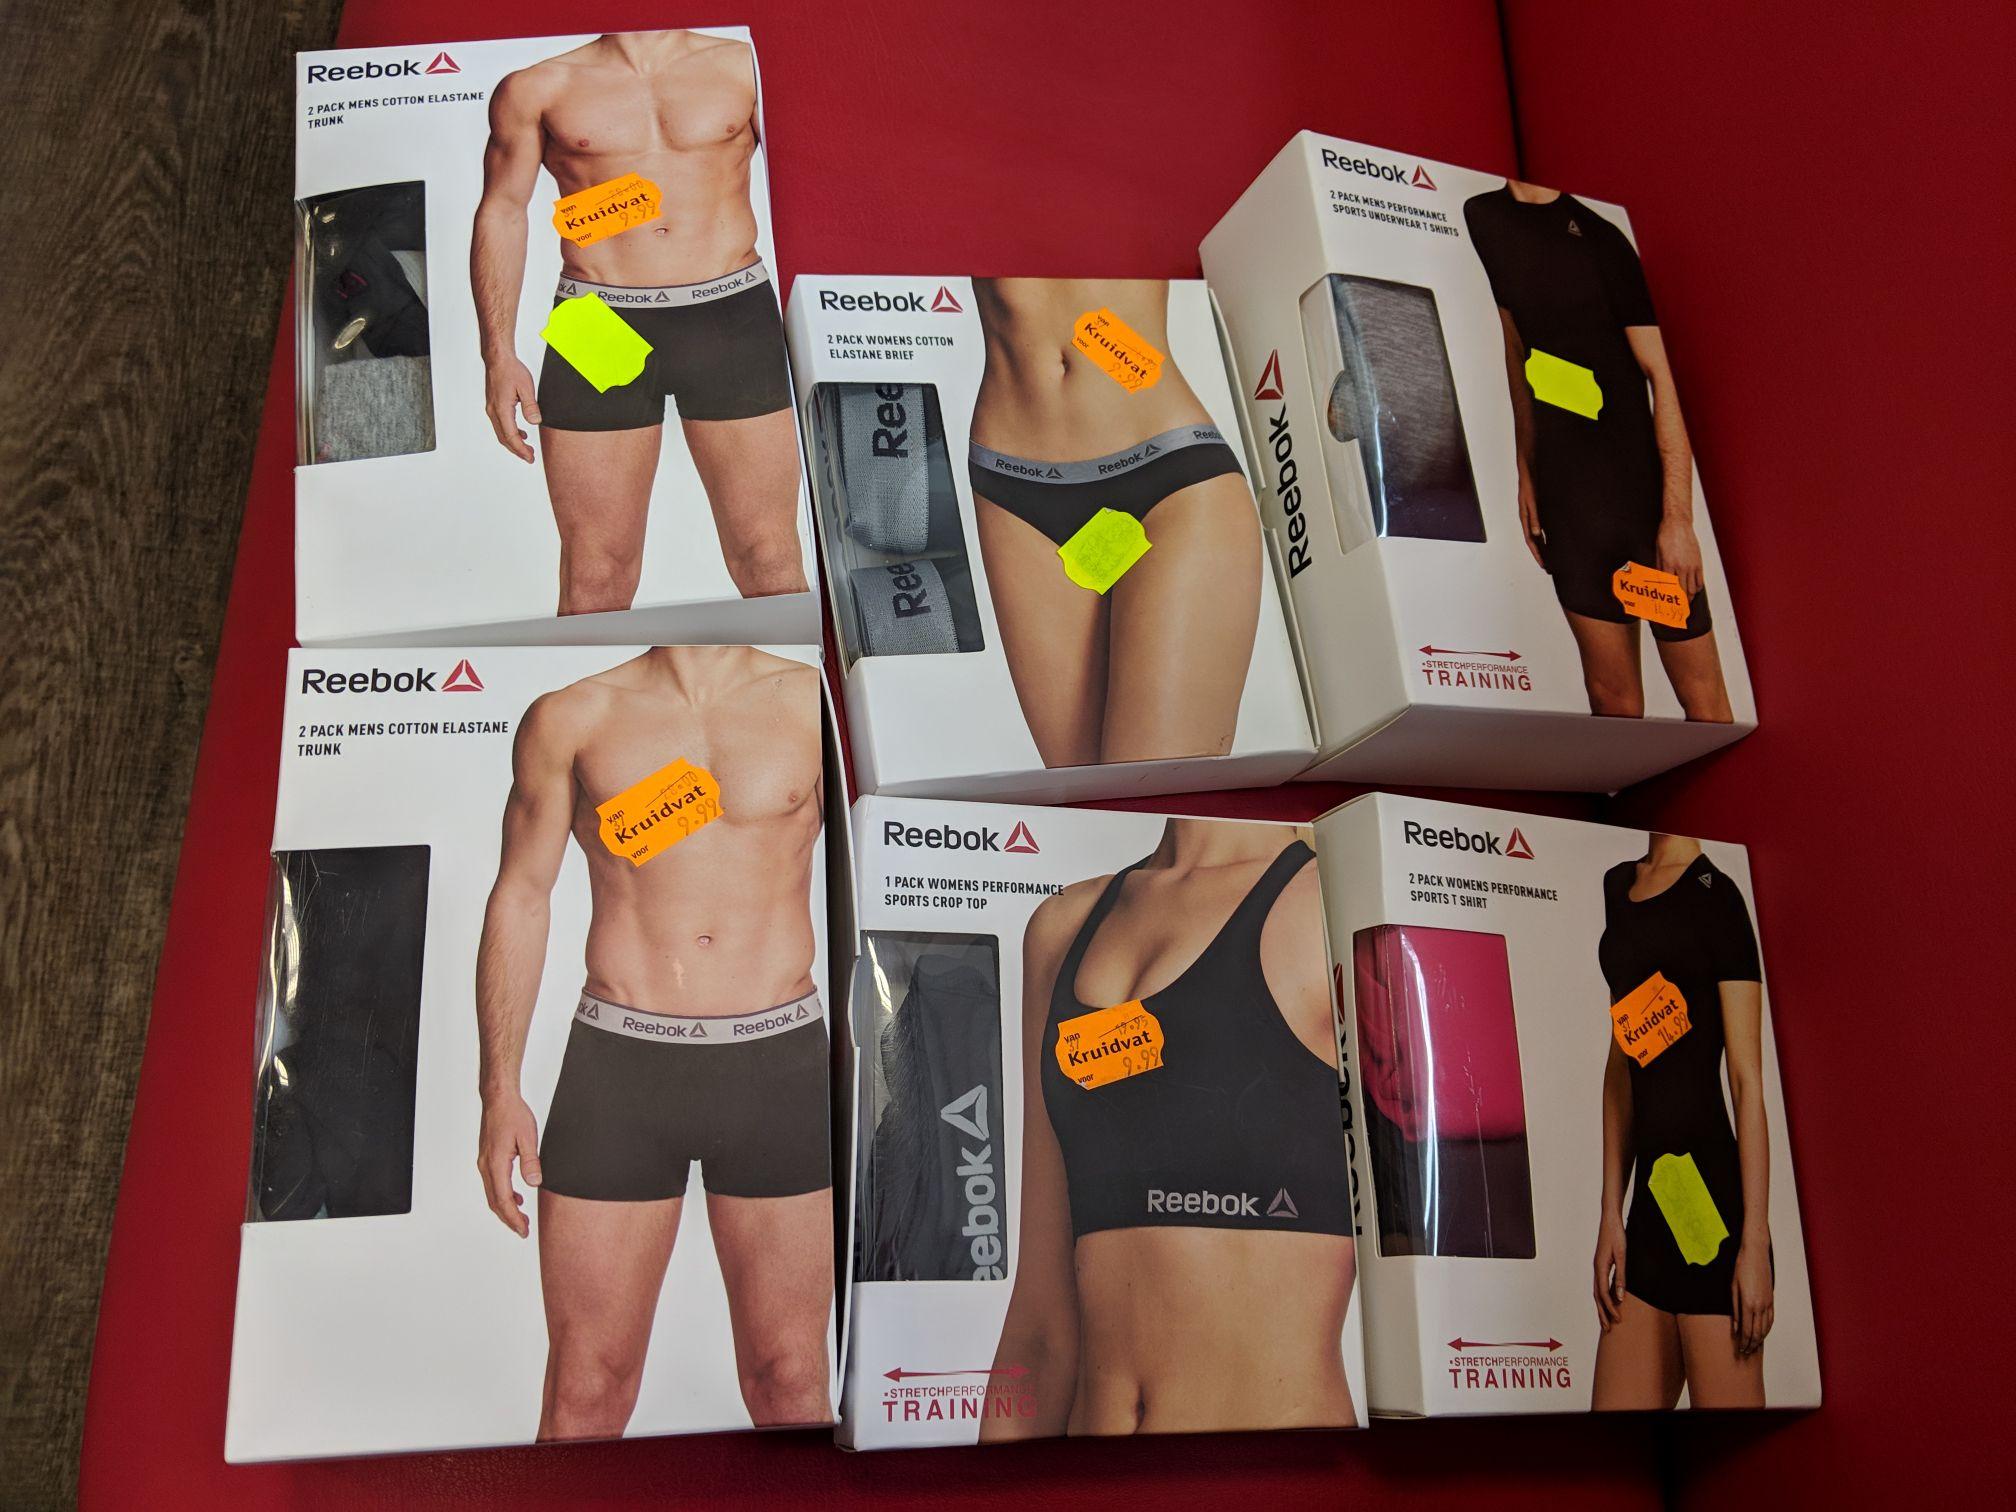 REEBOK bij de Kruidvat €2,50 voor 2 mannen boxers/2 vrouwen slips/sport bh en €3,75 voor 2 sport t-shirts man/vrouw